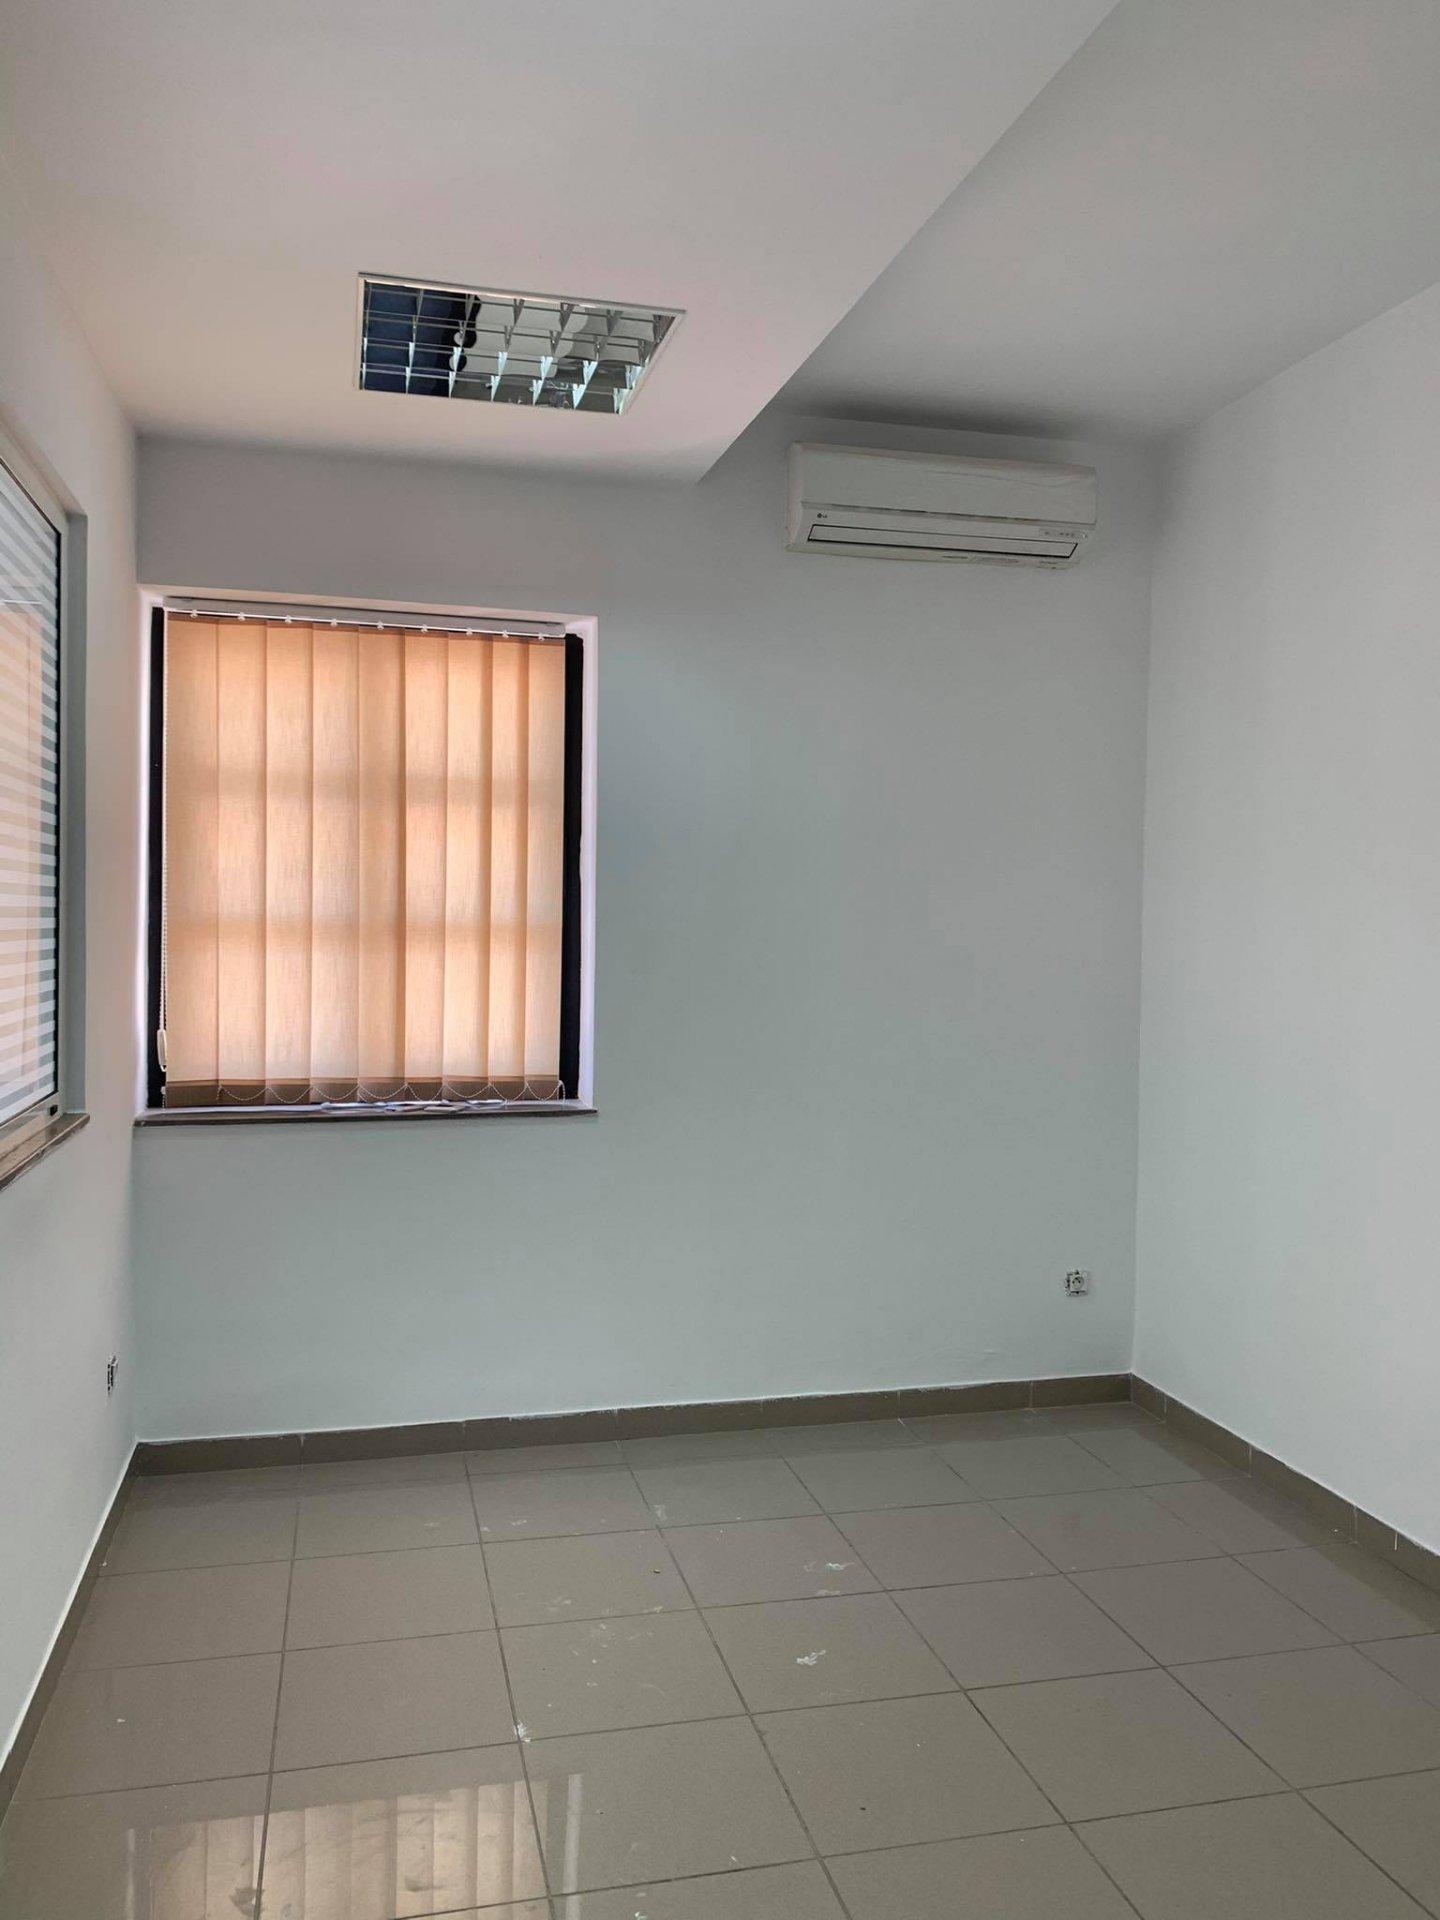 Location Bureau de 6 pièces 200 m² au Lac 2.